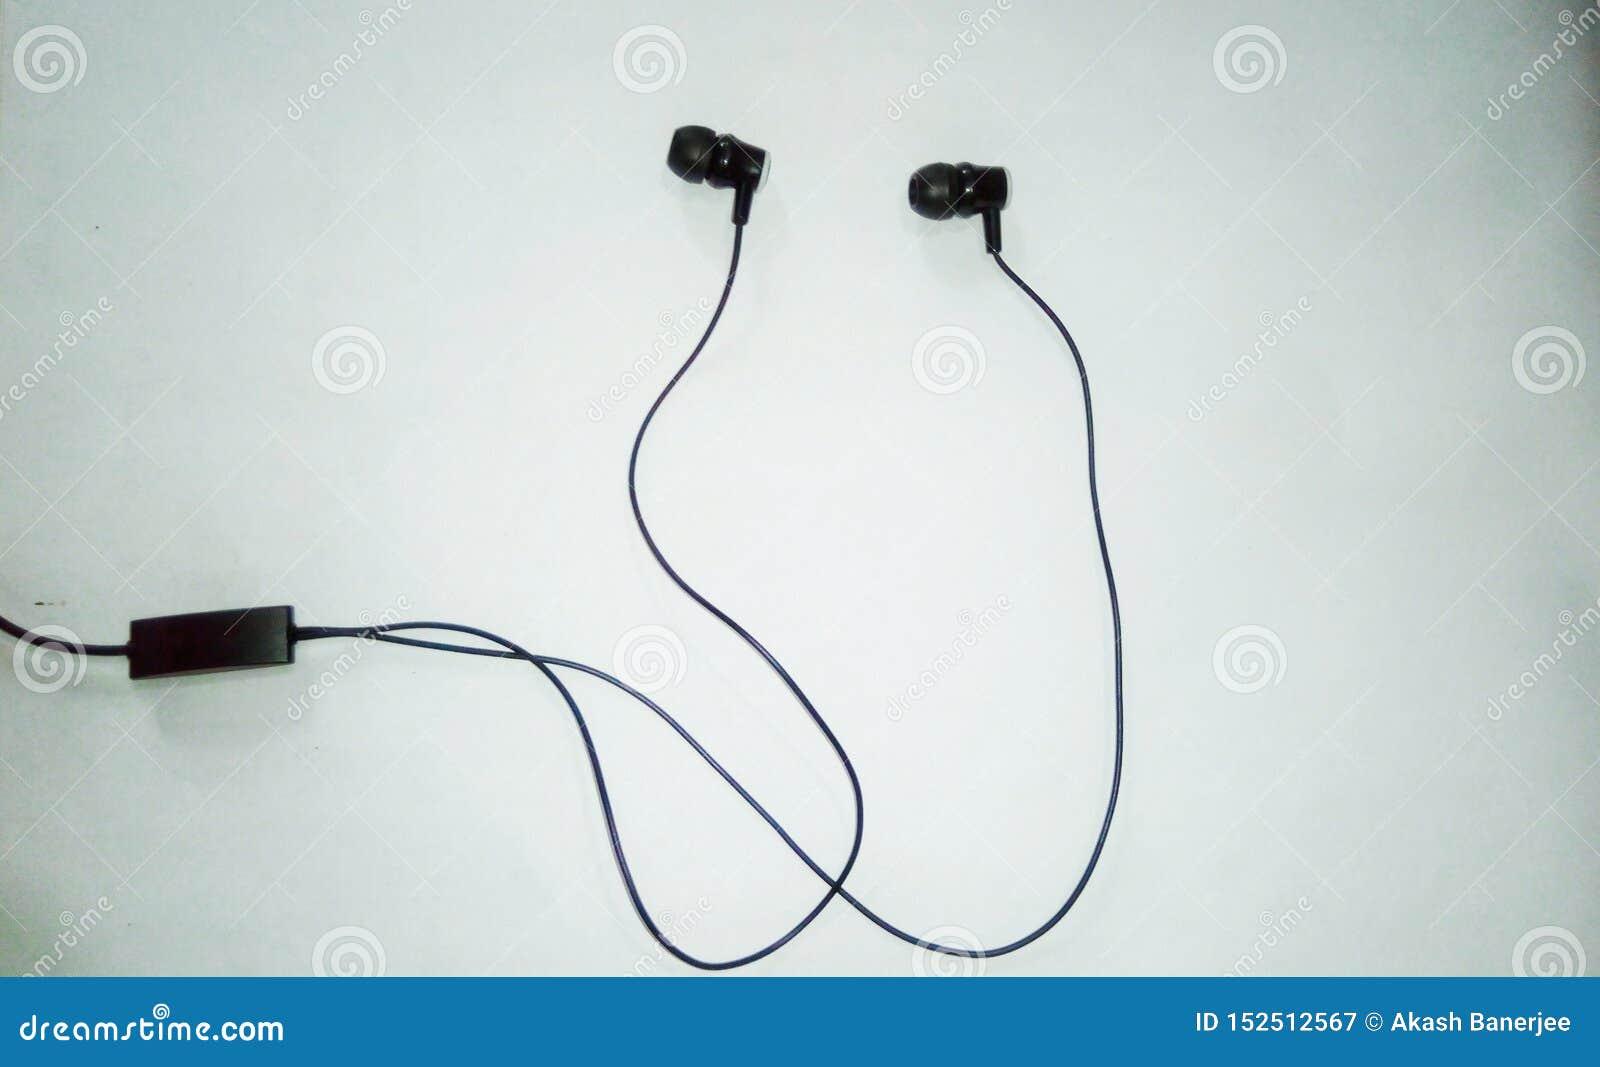 Det är en headfon